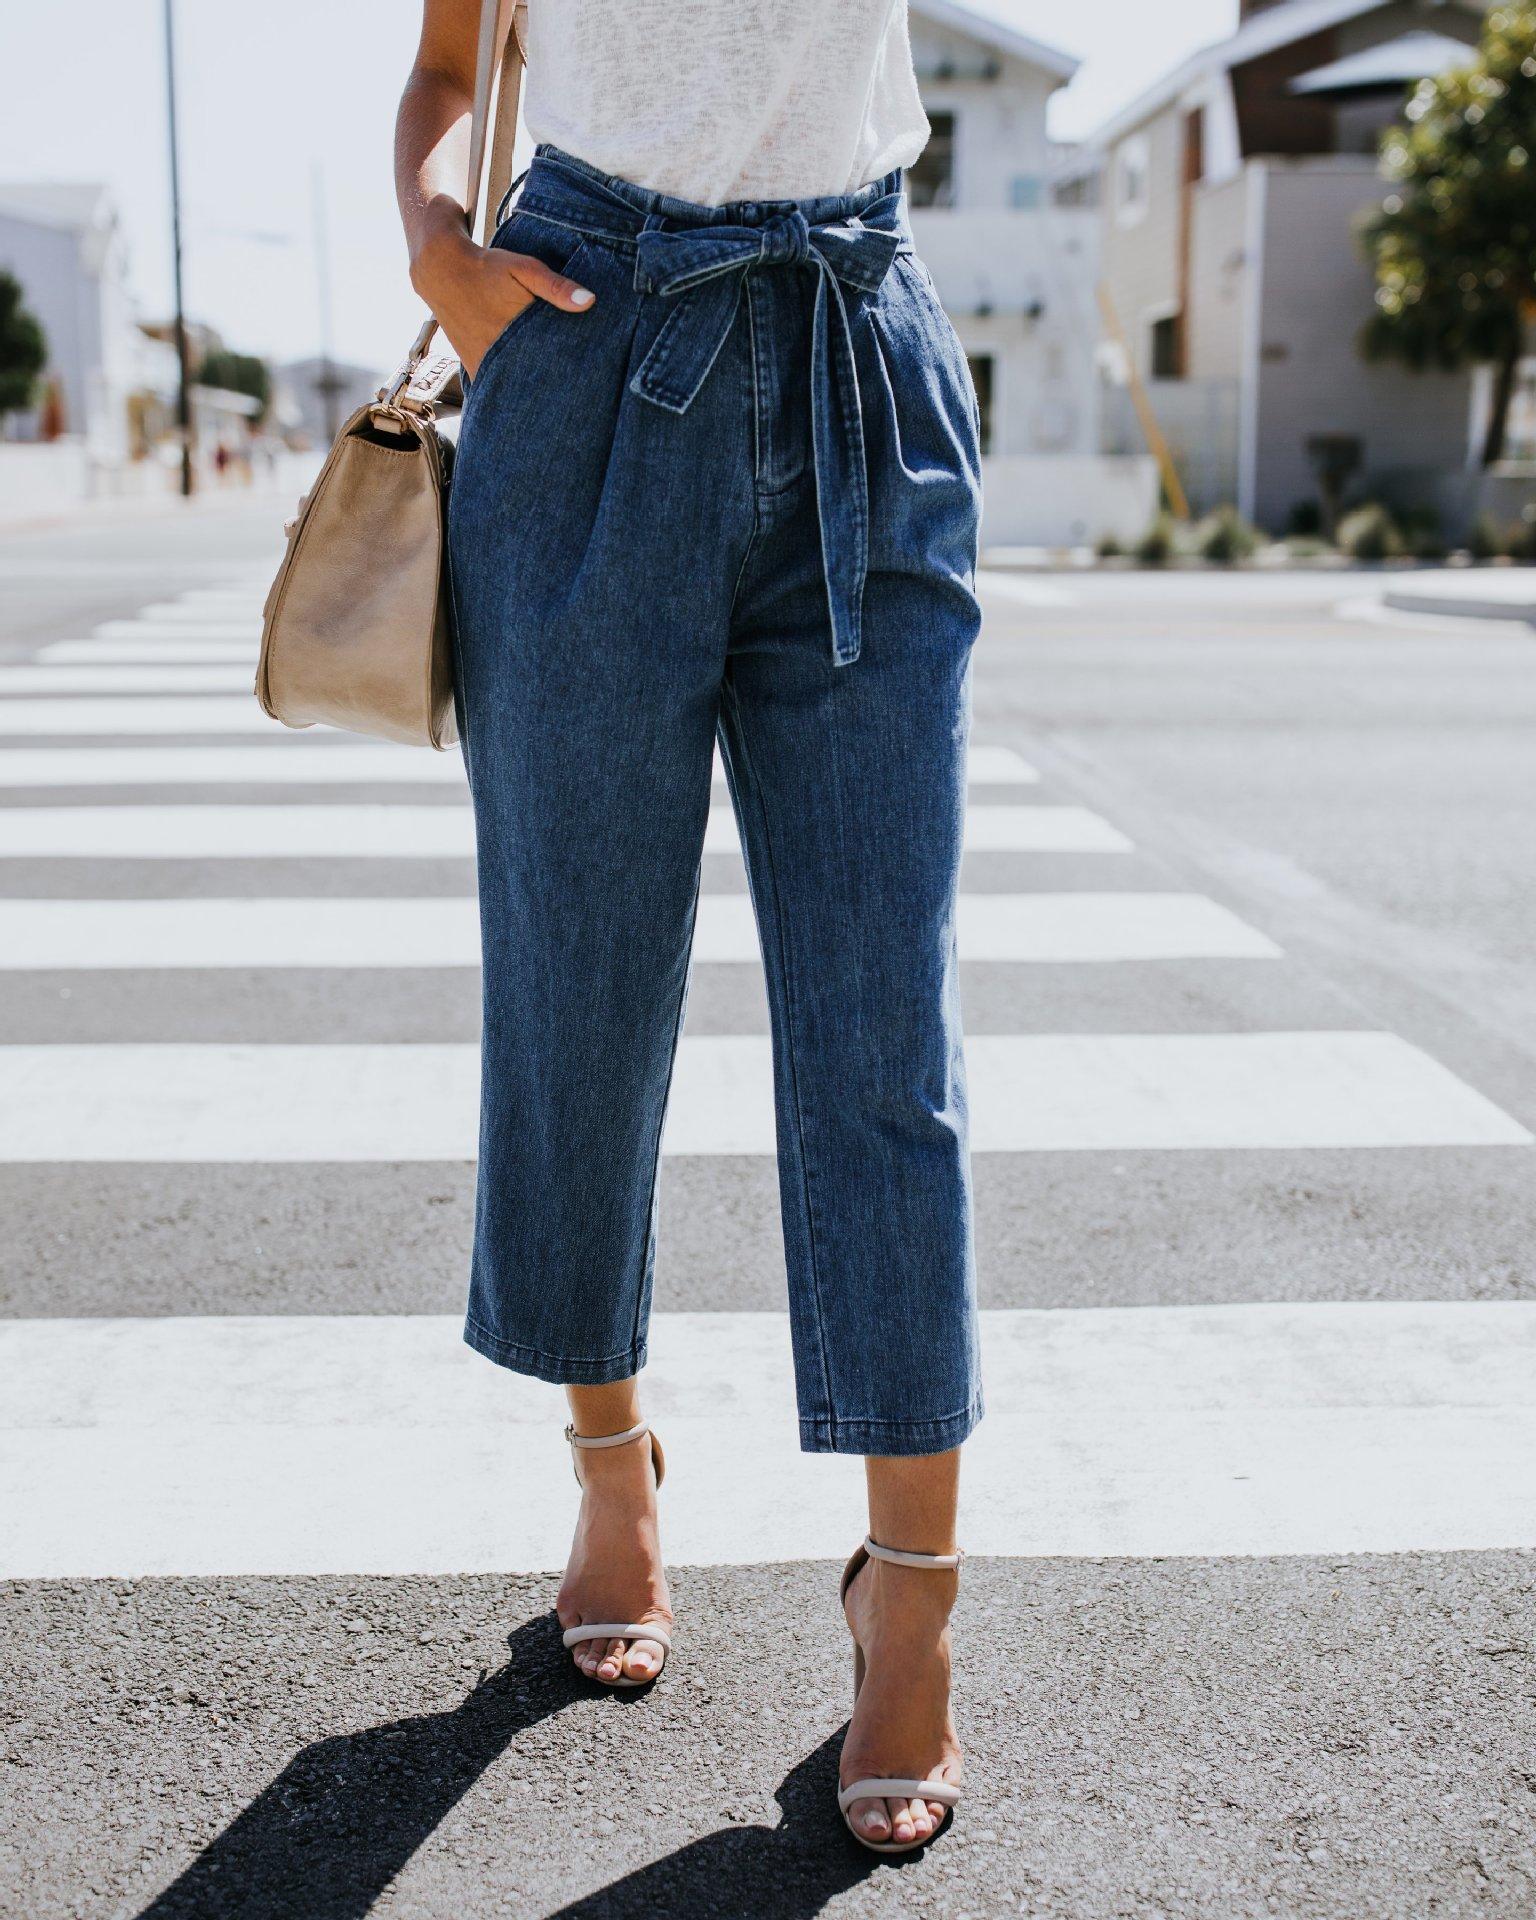 Kadın Moda Yeni Yüksek Bel Sonbahar ve Kış Kadınlar İçin Kot Pantolon Yukarı